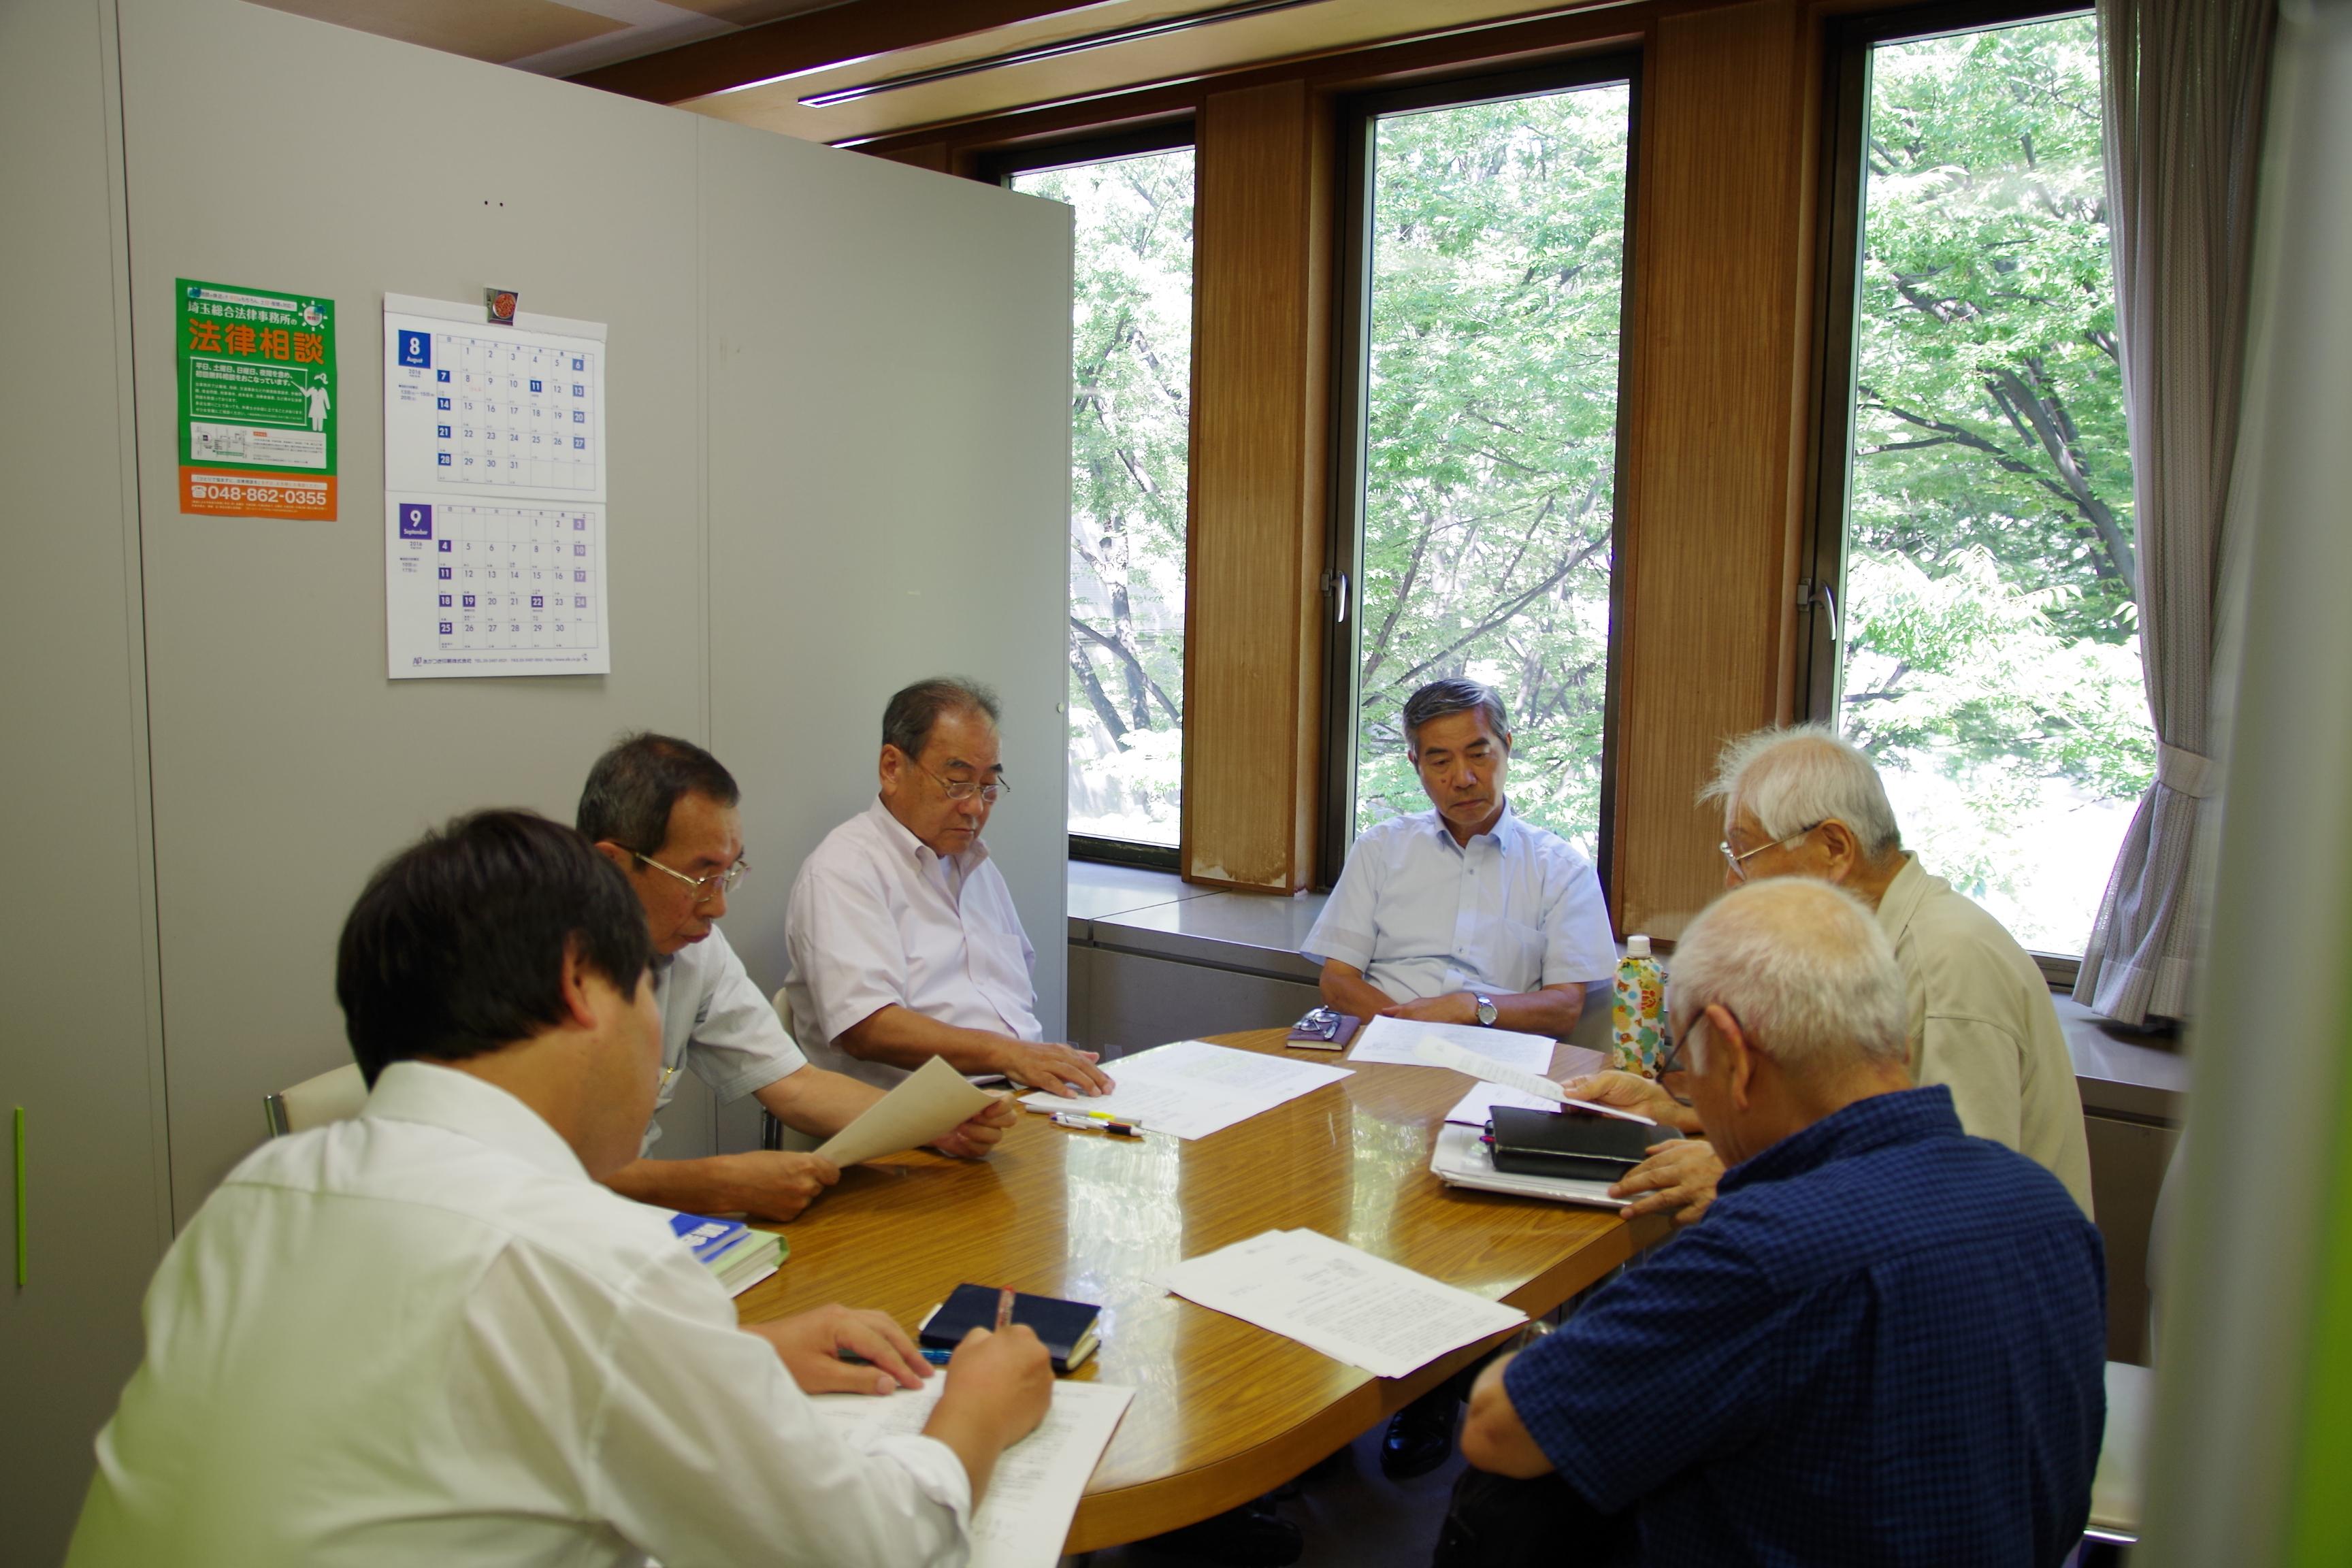 懇談に参加する(左から)大木、神田、とりうみ、山崎の各市議